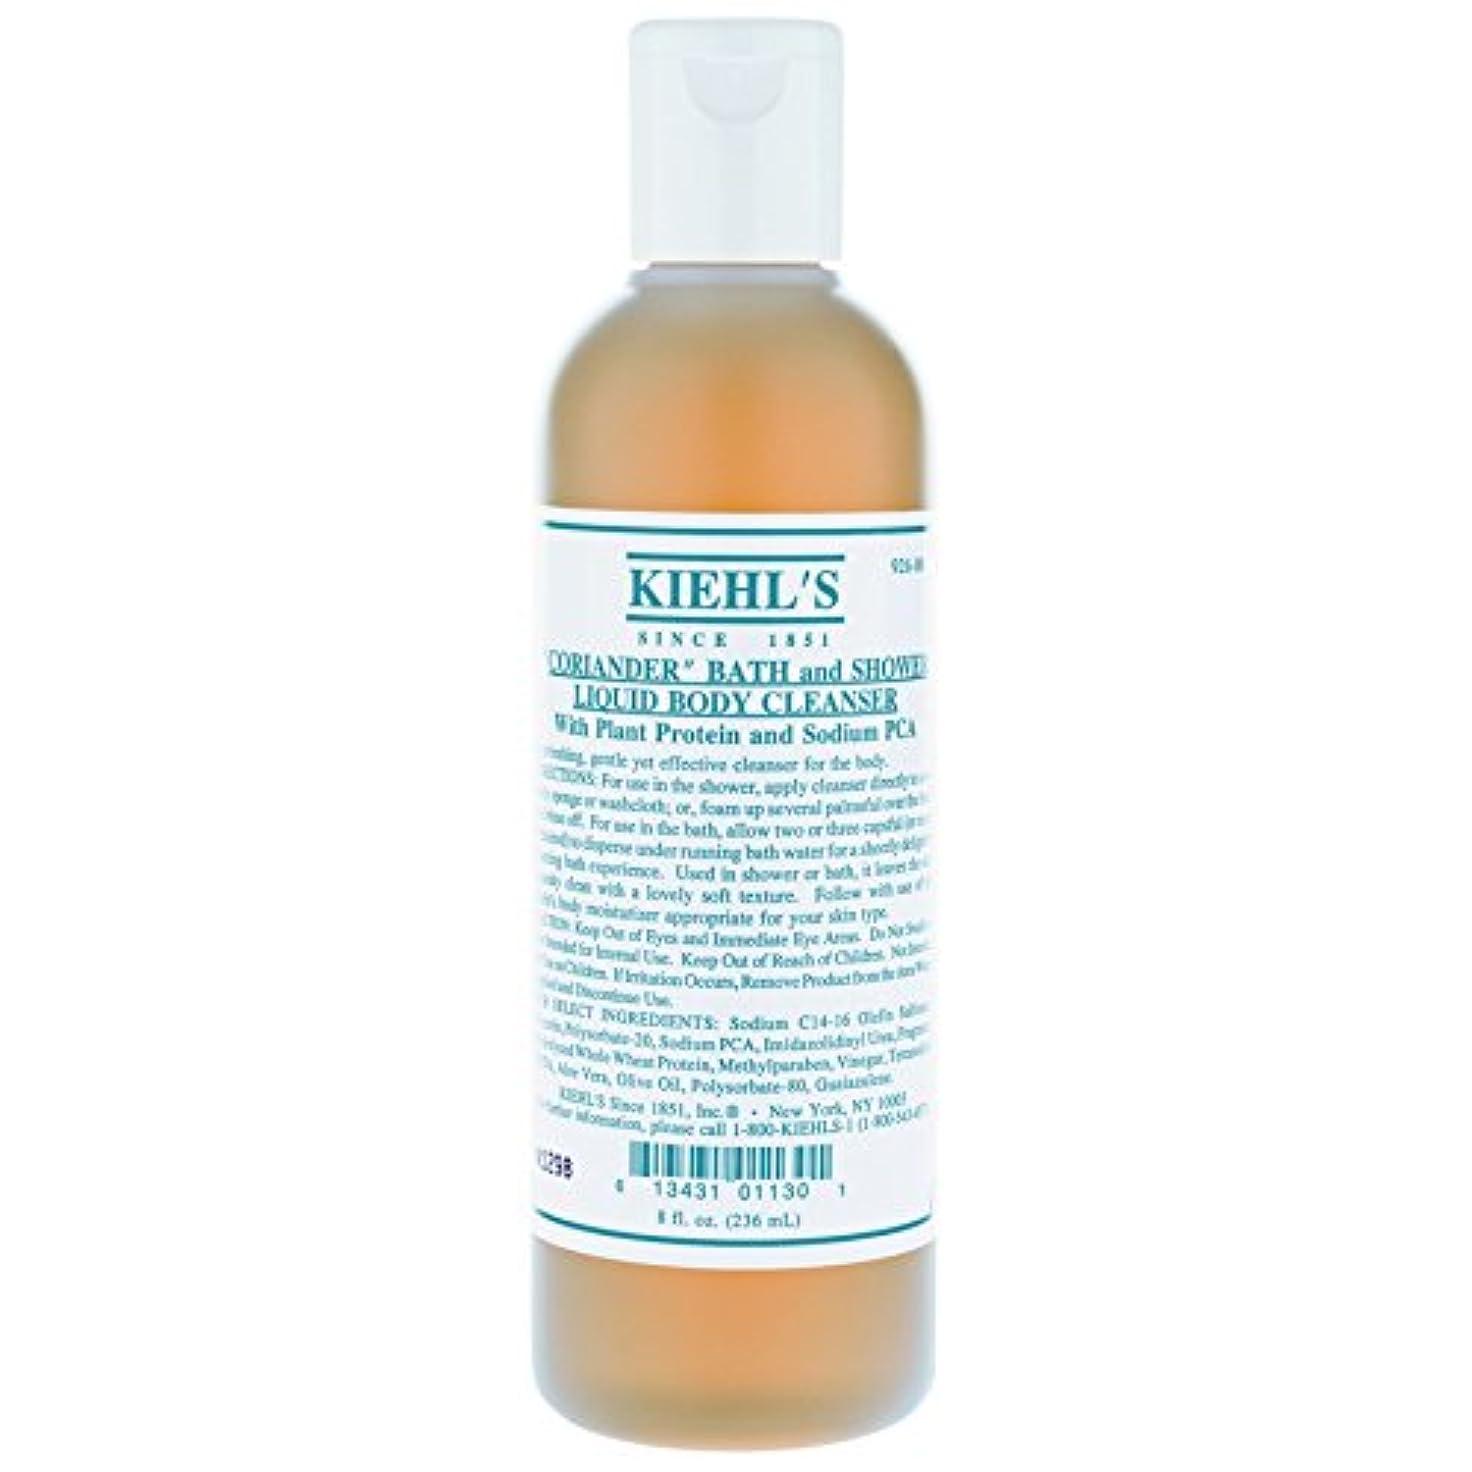 常習的迷路そばに[Kiehl's] キールズコリアンダーバス&シャワー液体ボディクレンザー500ミリリットル - Kiehl's Coriander Bath & Shower Liquid Body Cleanser 500ml [並行輸入品]